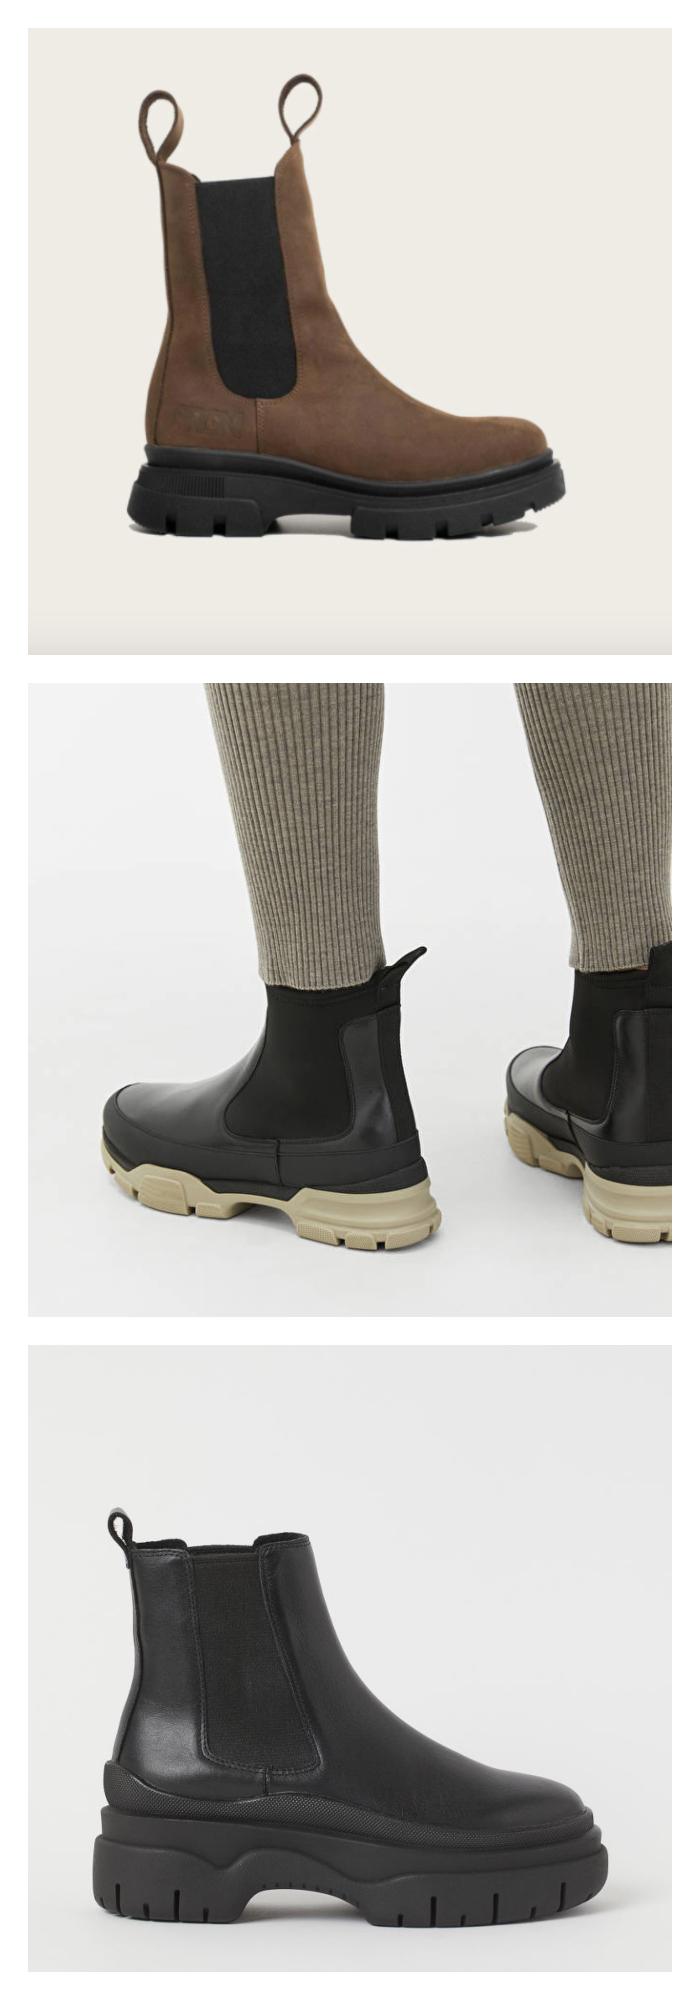 Bilde av brune boots, et par sorte og beige boots og sorte boots